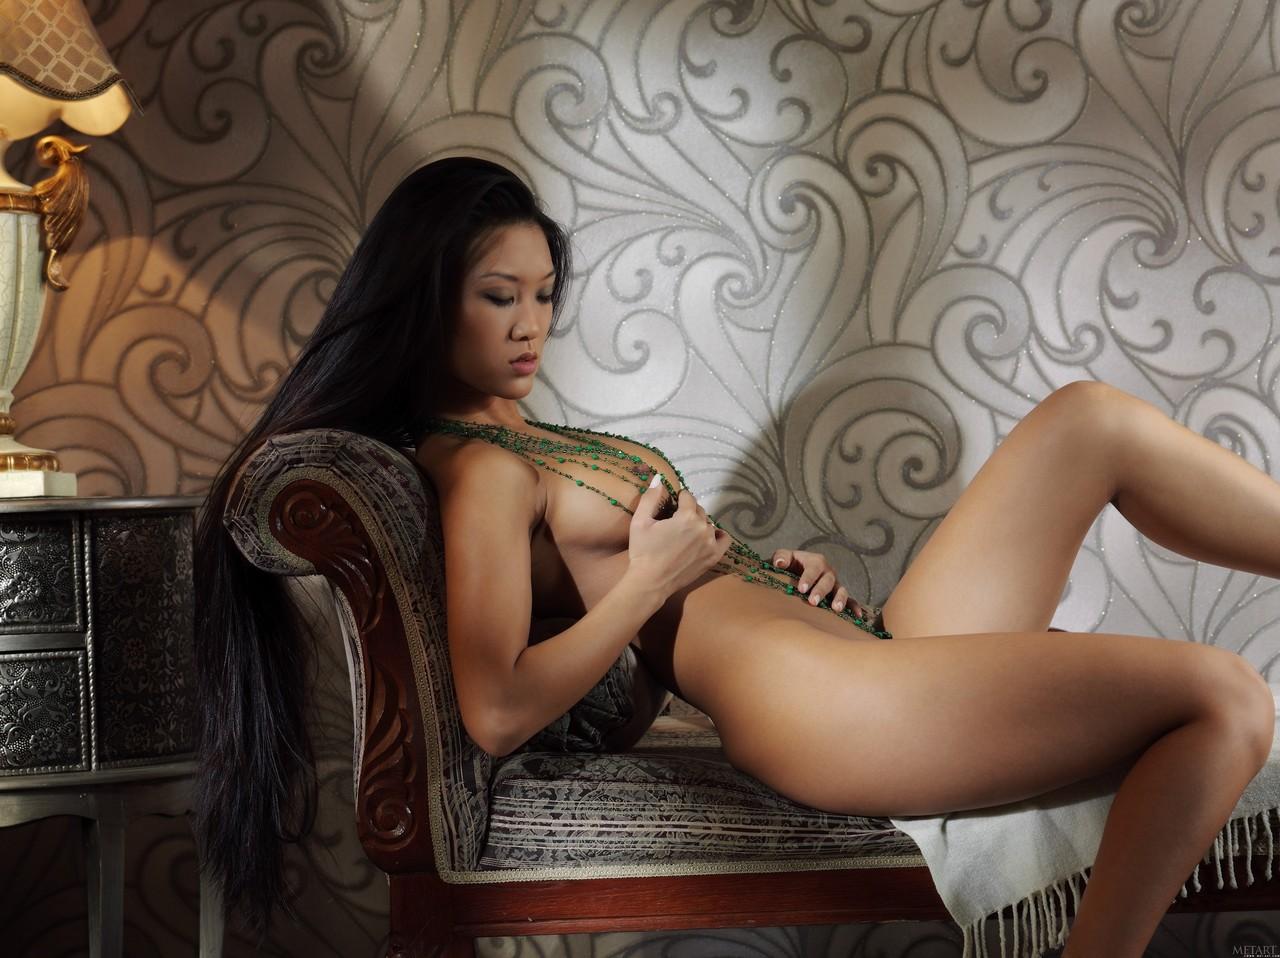 Asiatinnen Pornos. Galerie - 1848. Foto - 9